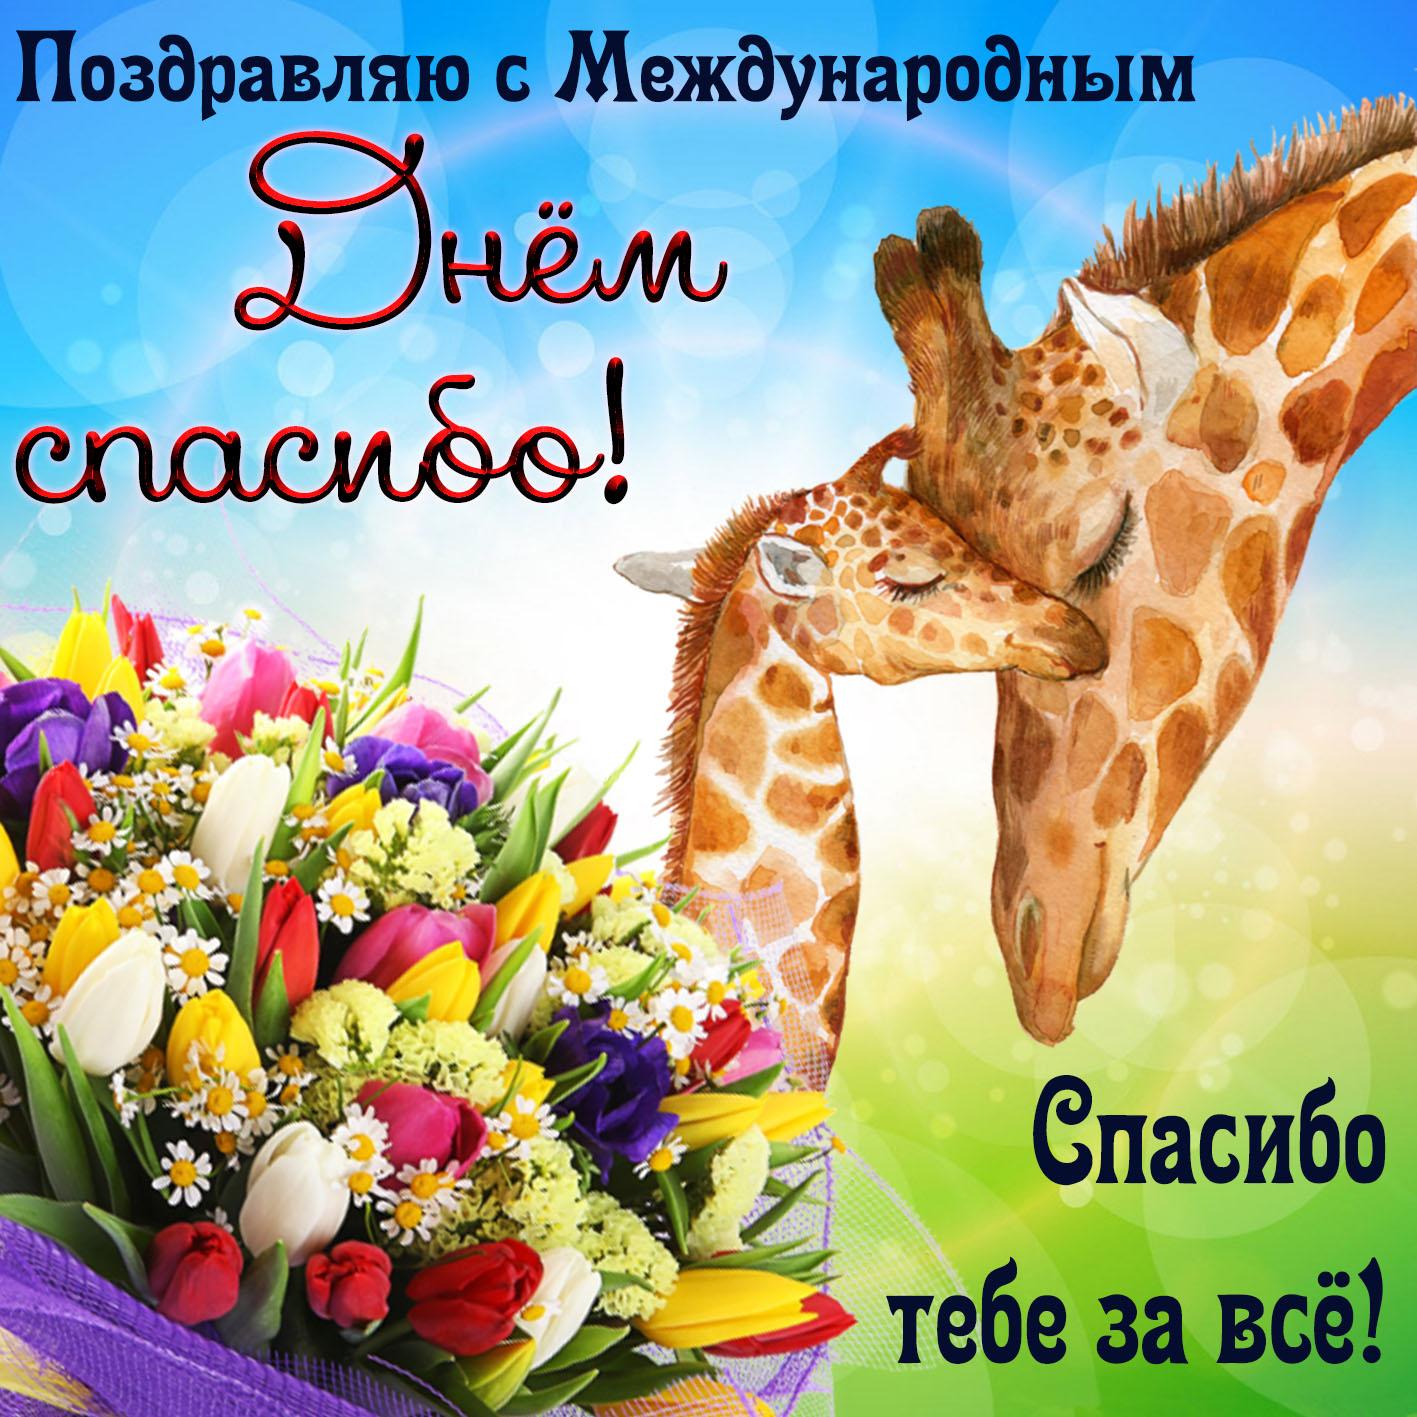 Поздравление с международный день спасибо